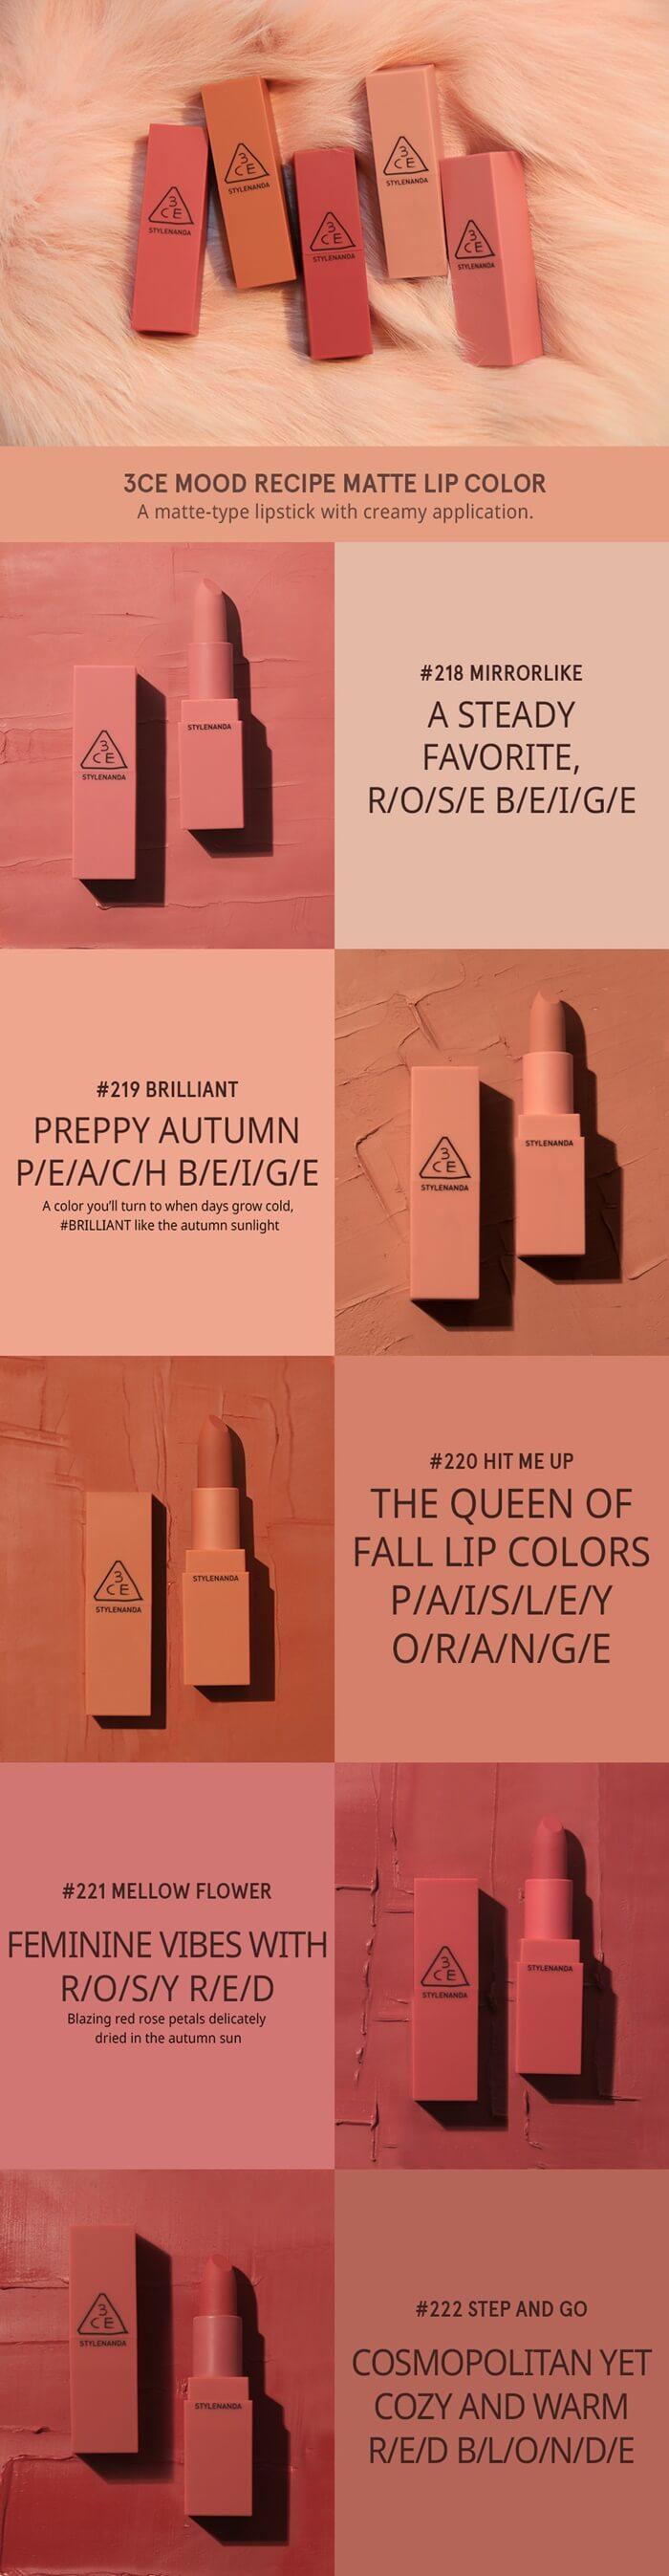 Bảng màu son 3CE Mood Recipe Matte Lip Color